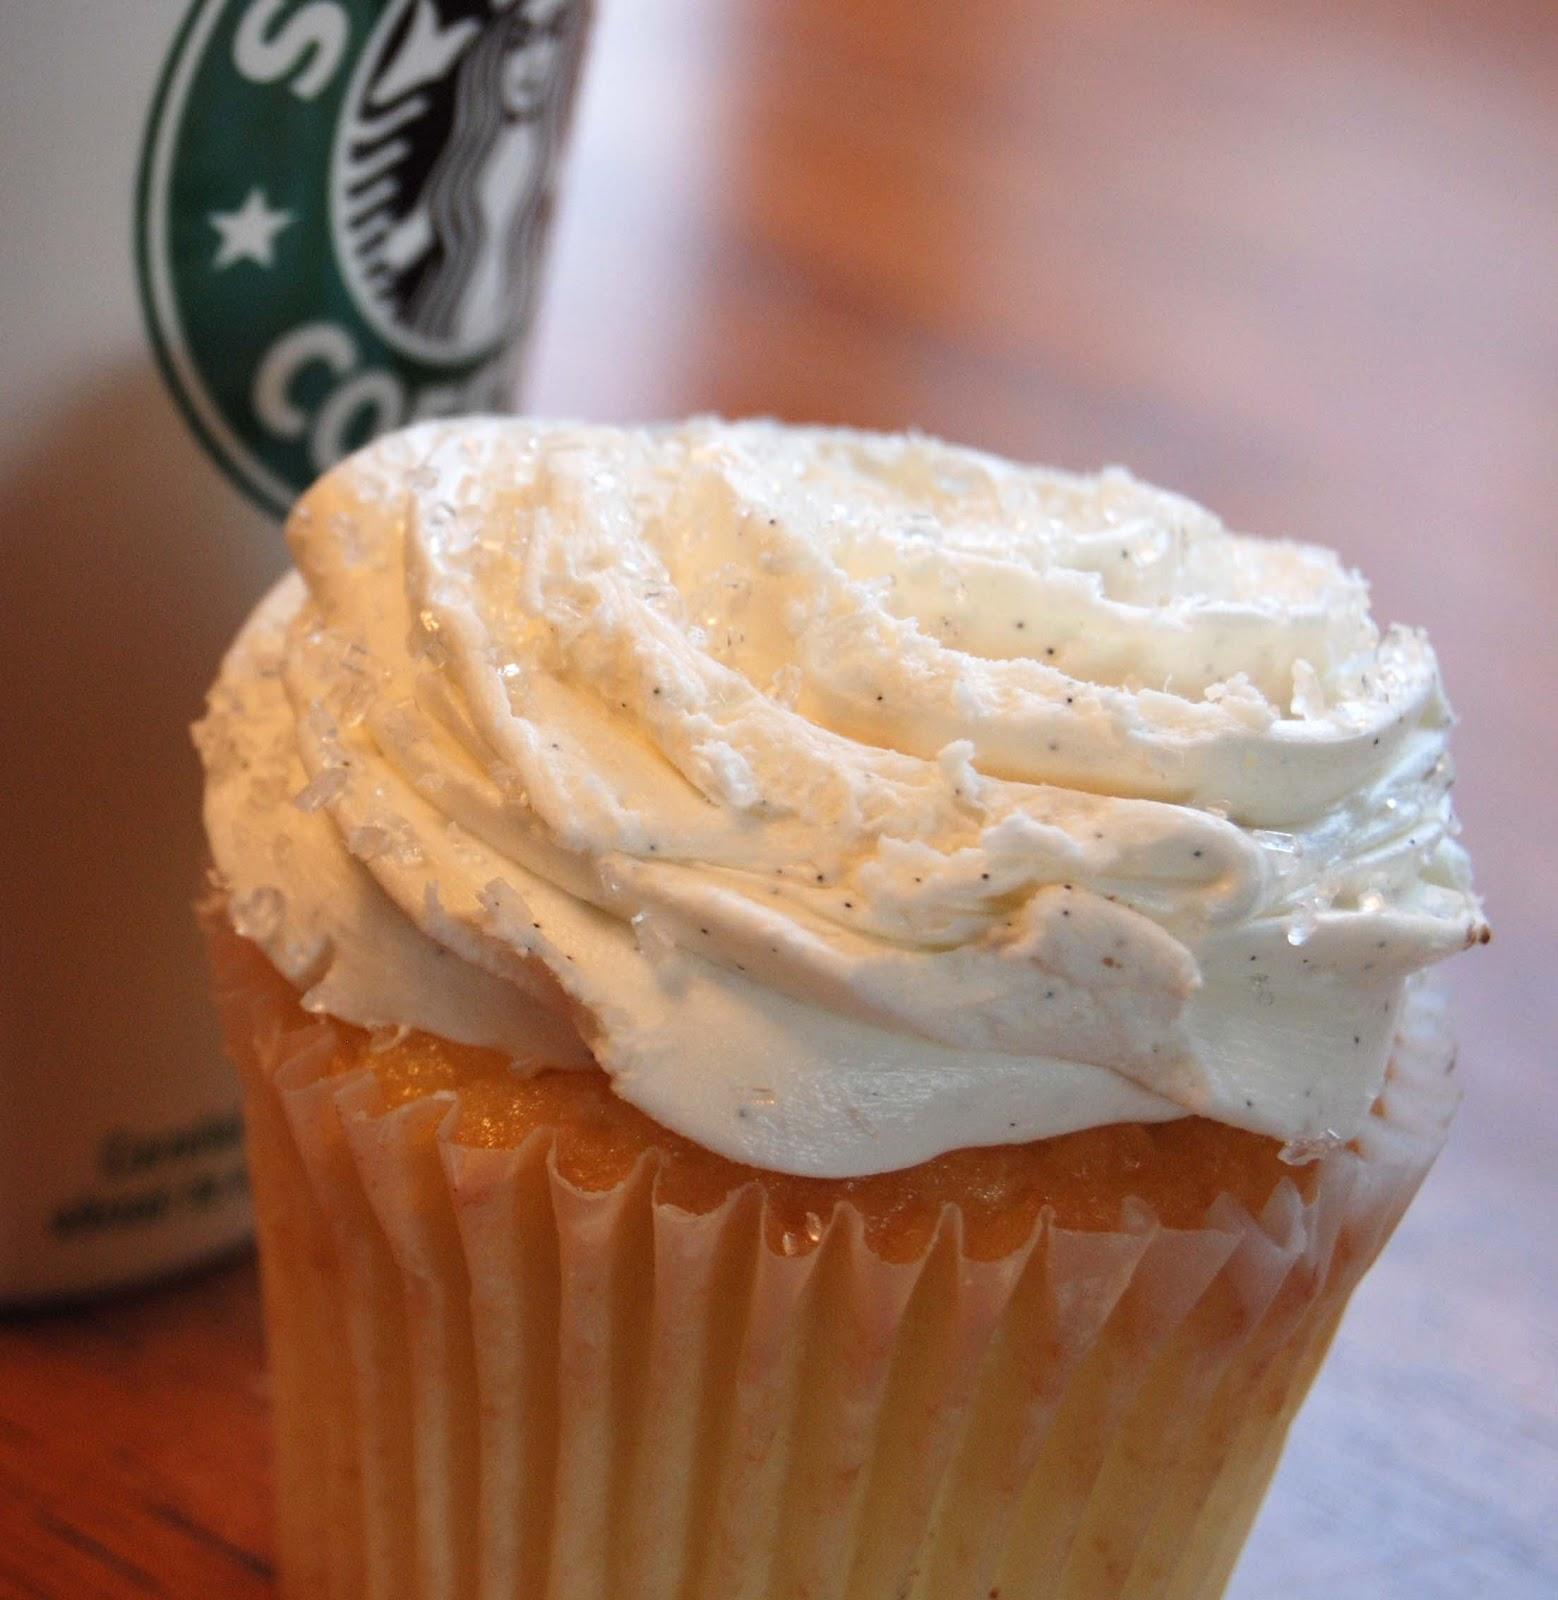 Starbucks Vanilla Bean Cupcakes Vanilla bean cupcakes